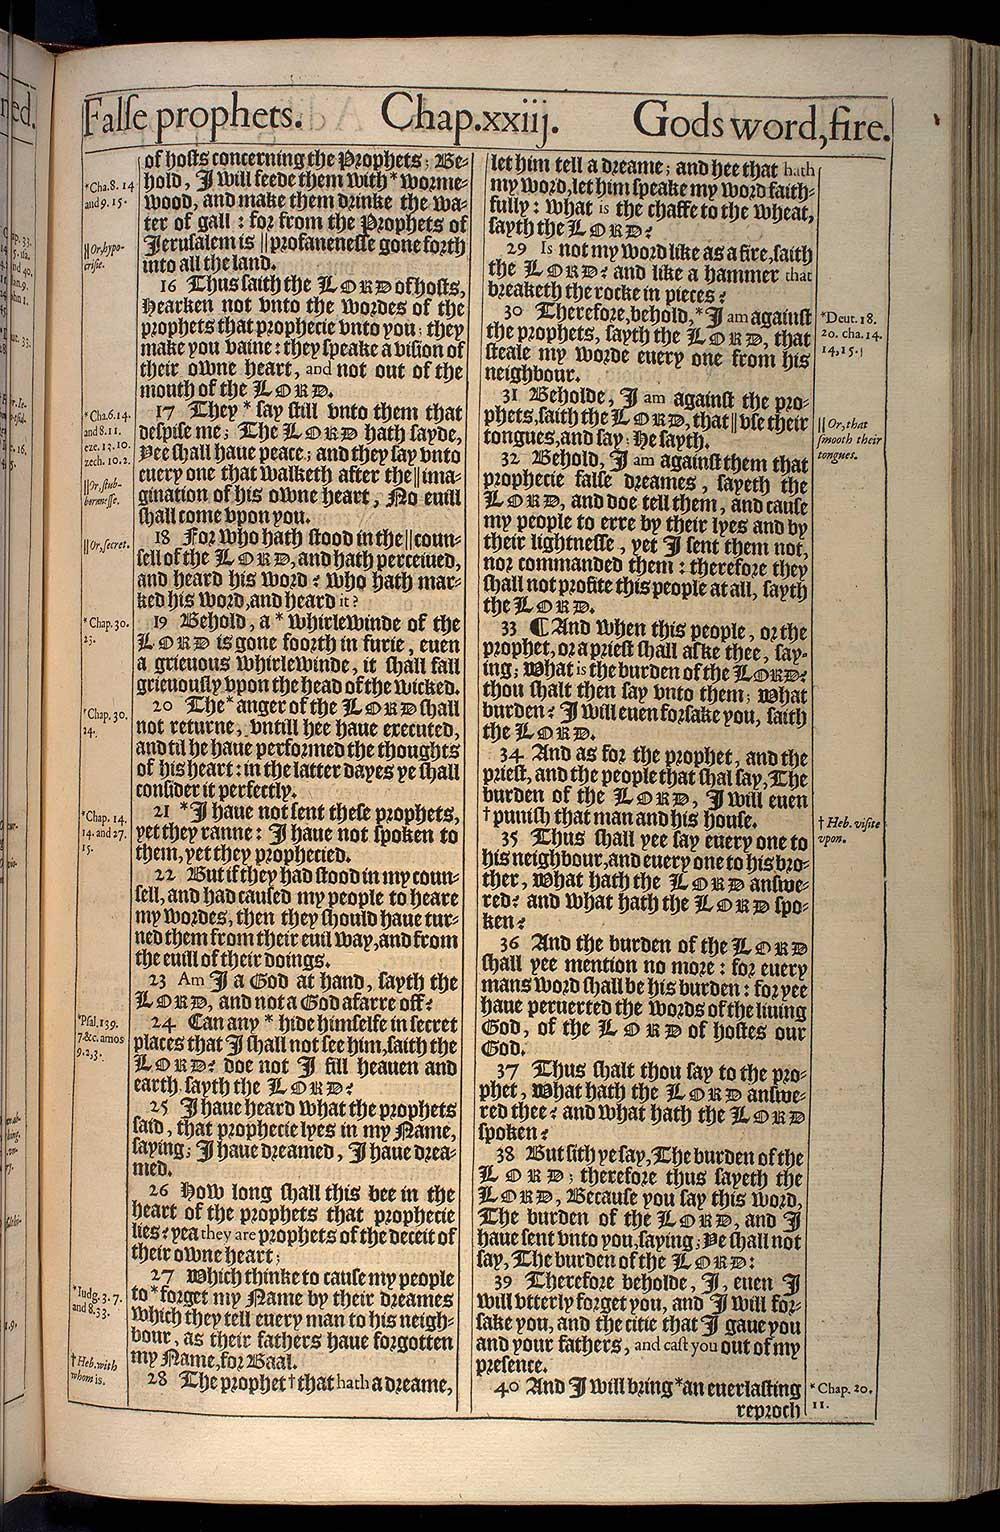 http://www.kingjamesbibleonline.org/1611-Bible-KJV/Jeremiah-Chapter-23-23.jpg